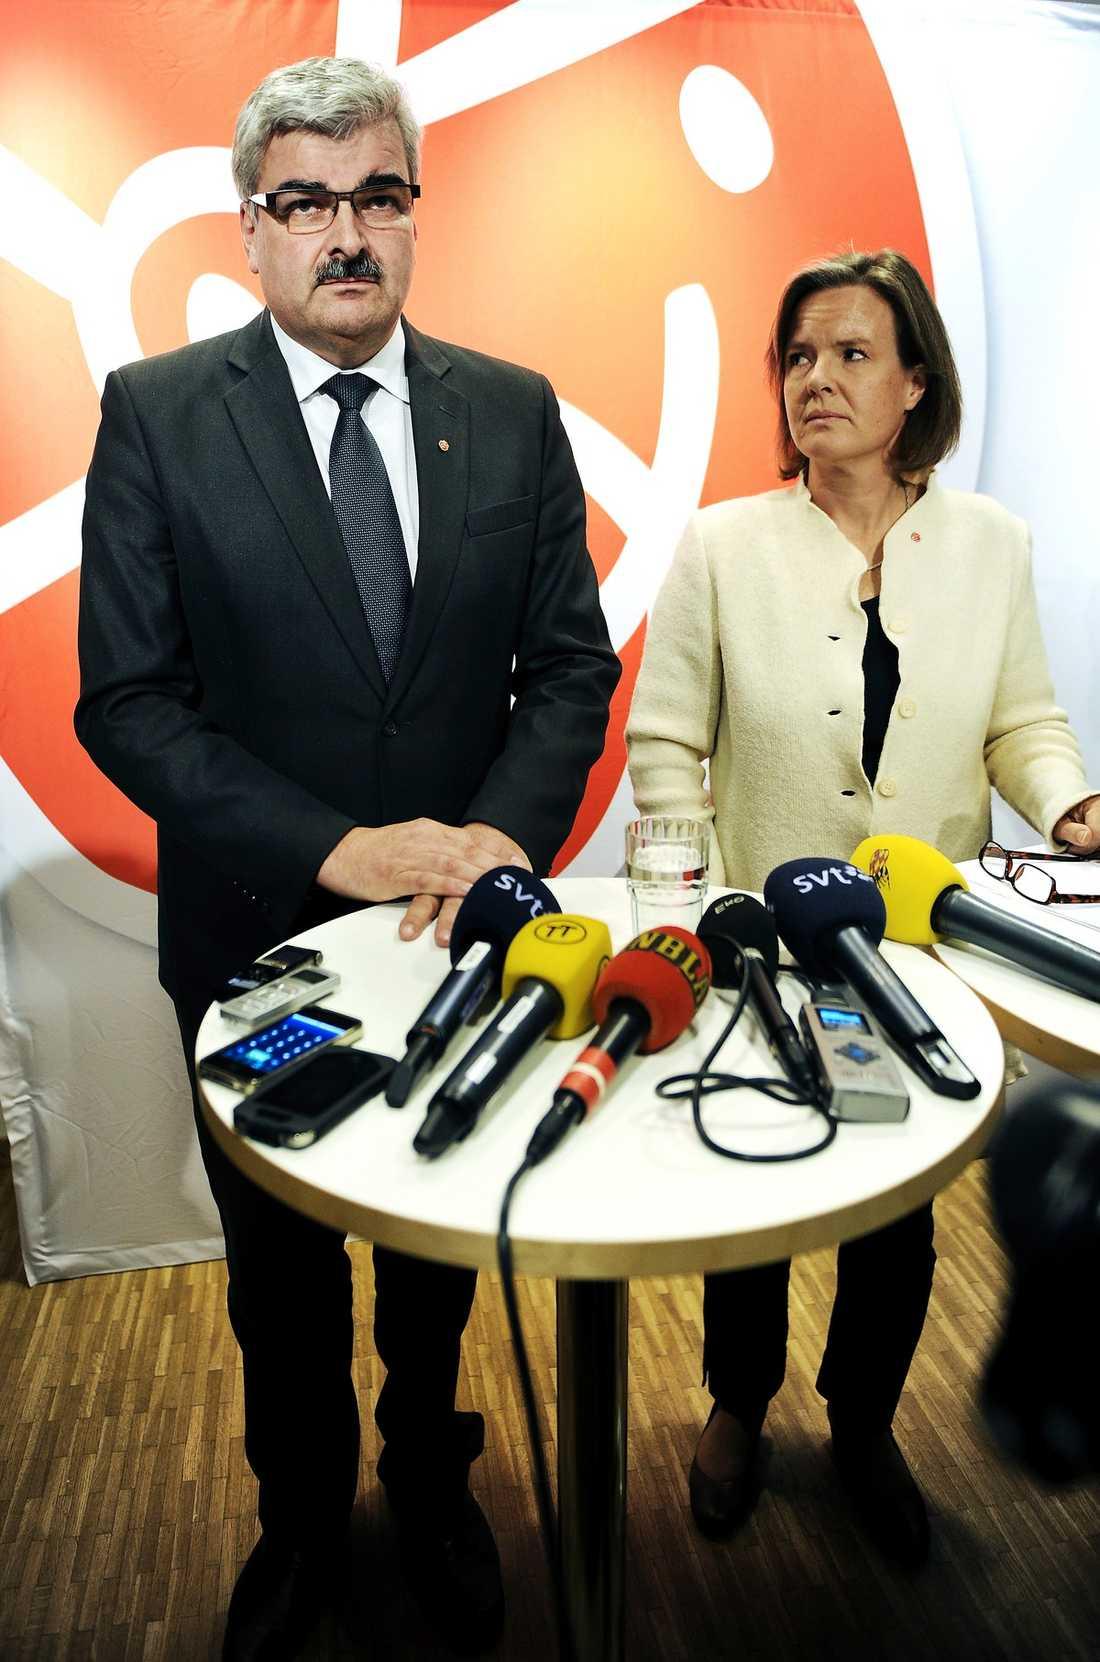 Träffades bakom hans rygg Förtroendet för Håkan Juholt var så lågt efter kaosveckan i oktober att flera S-toppar samlades, i en grupp ledd av partisekreteraren Carin Jämtin, för att planera hans avgång.